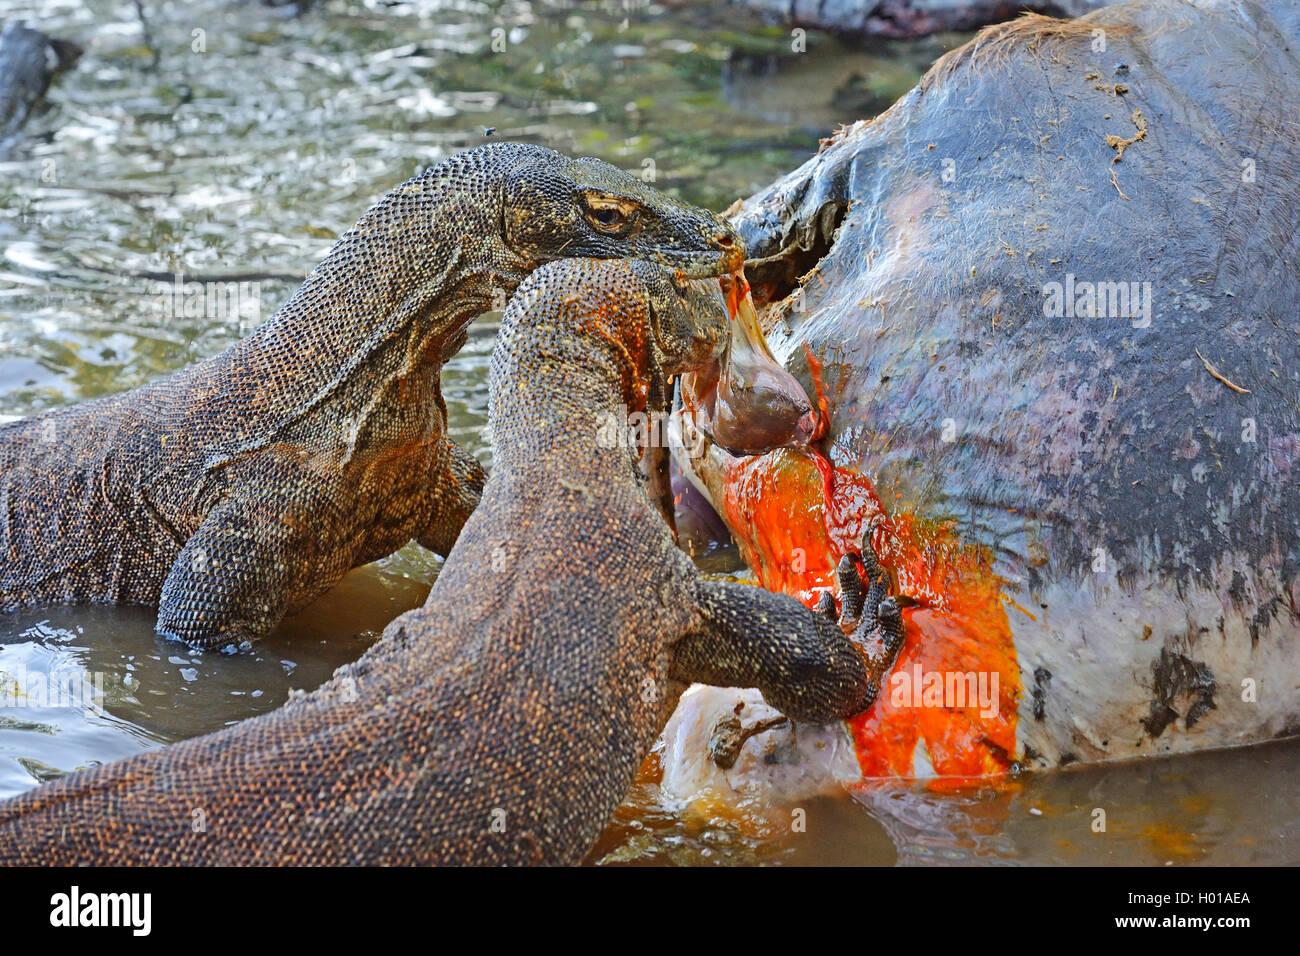 Komodo-Waran, Komodo Waran, Komodowaran (Varanus komodoensis), zwei Komodowarane fressen am Kadaver eines im Flachwasser - Stock Image